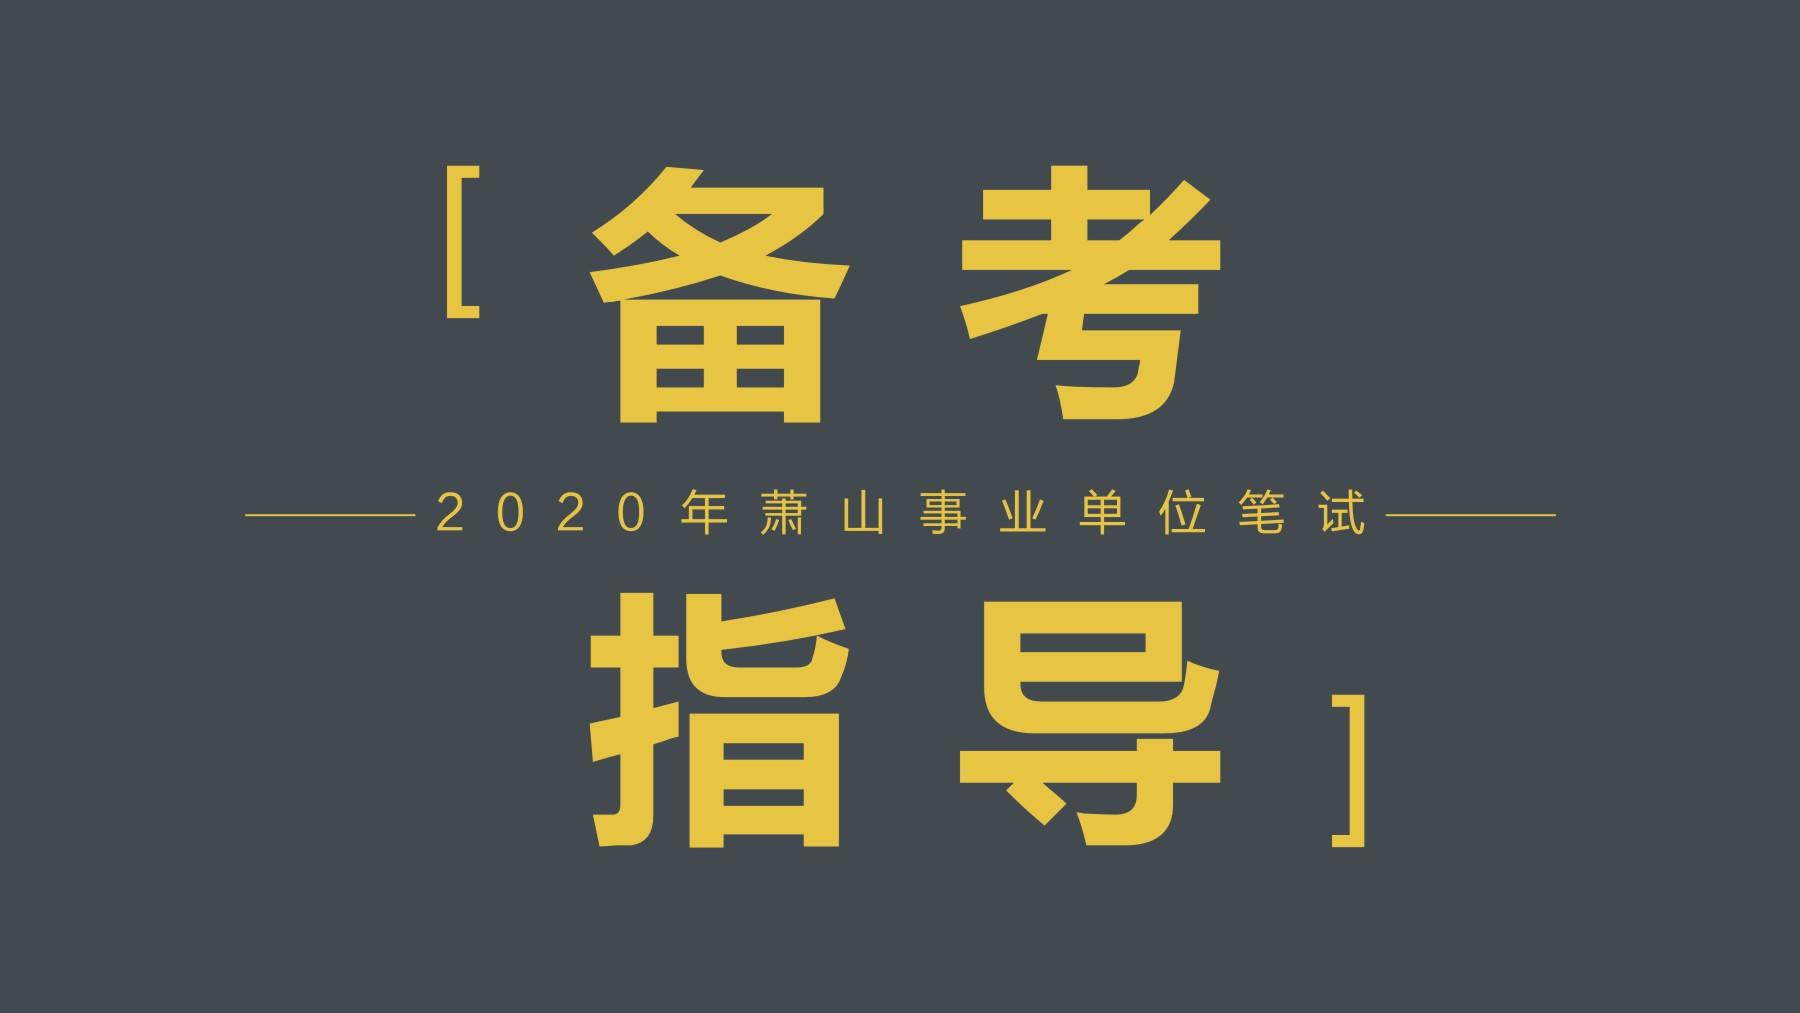 2020年萧山事业单位笔试备考指导